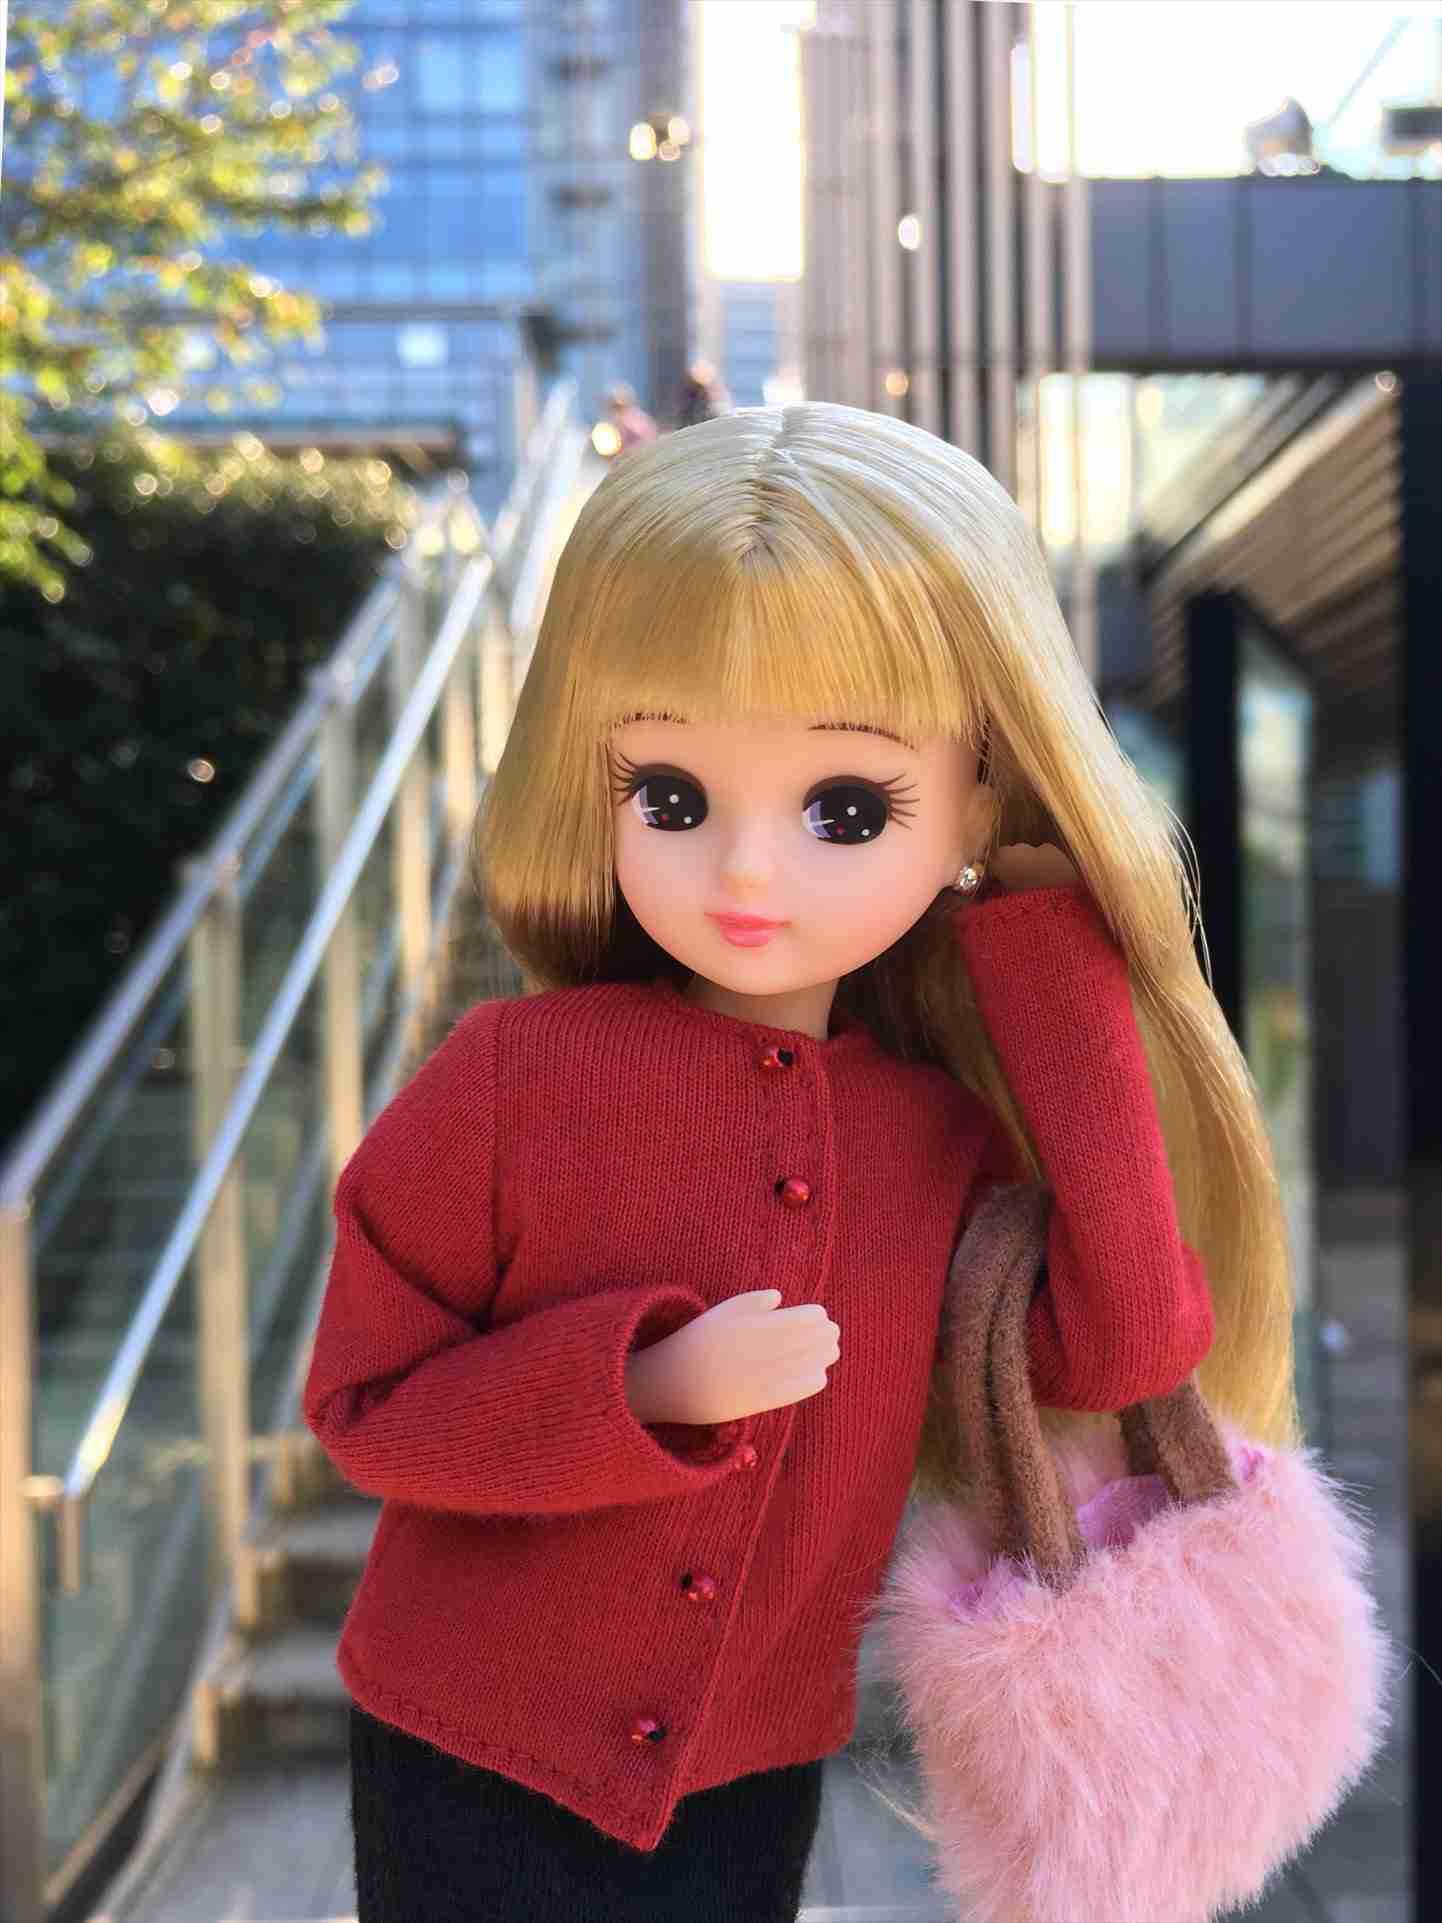 リカちゃん何やってんすかww リカちゃんが平野ノラを元ネタにインスタ投稿